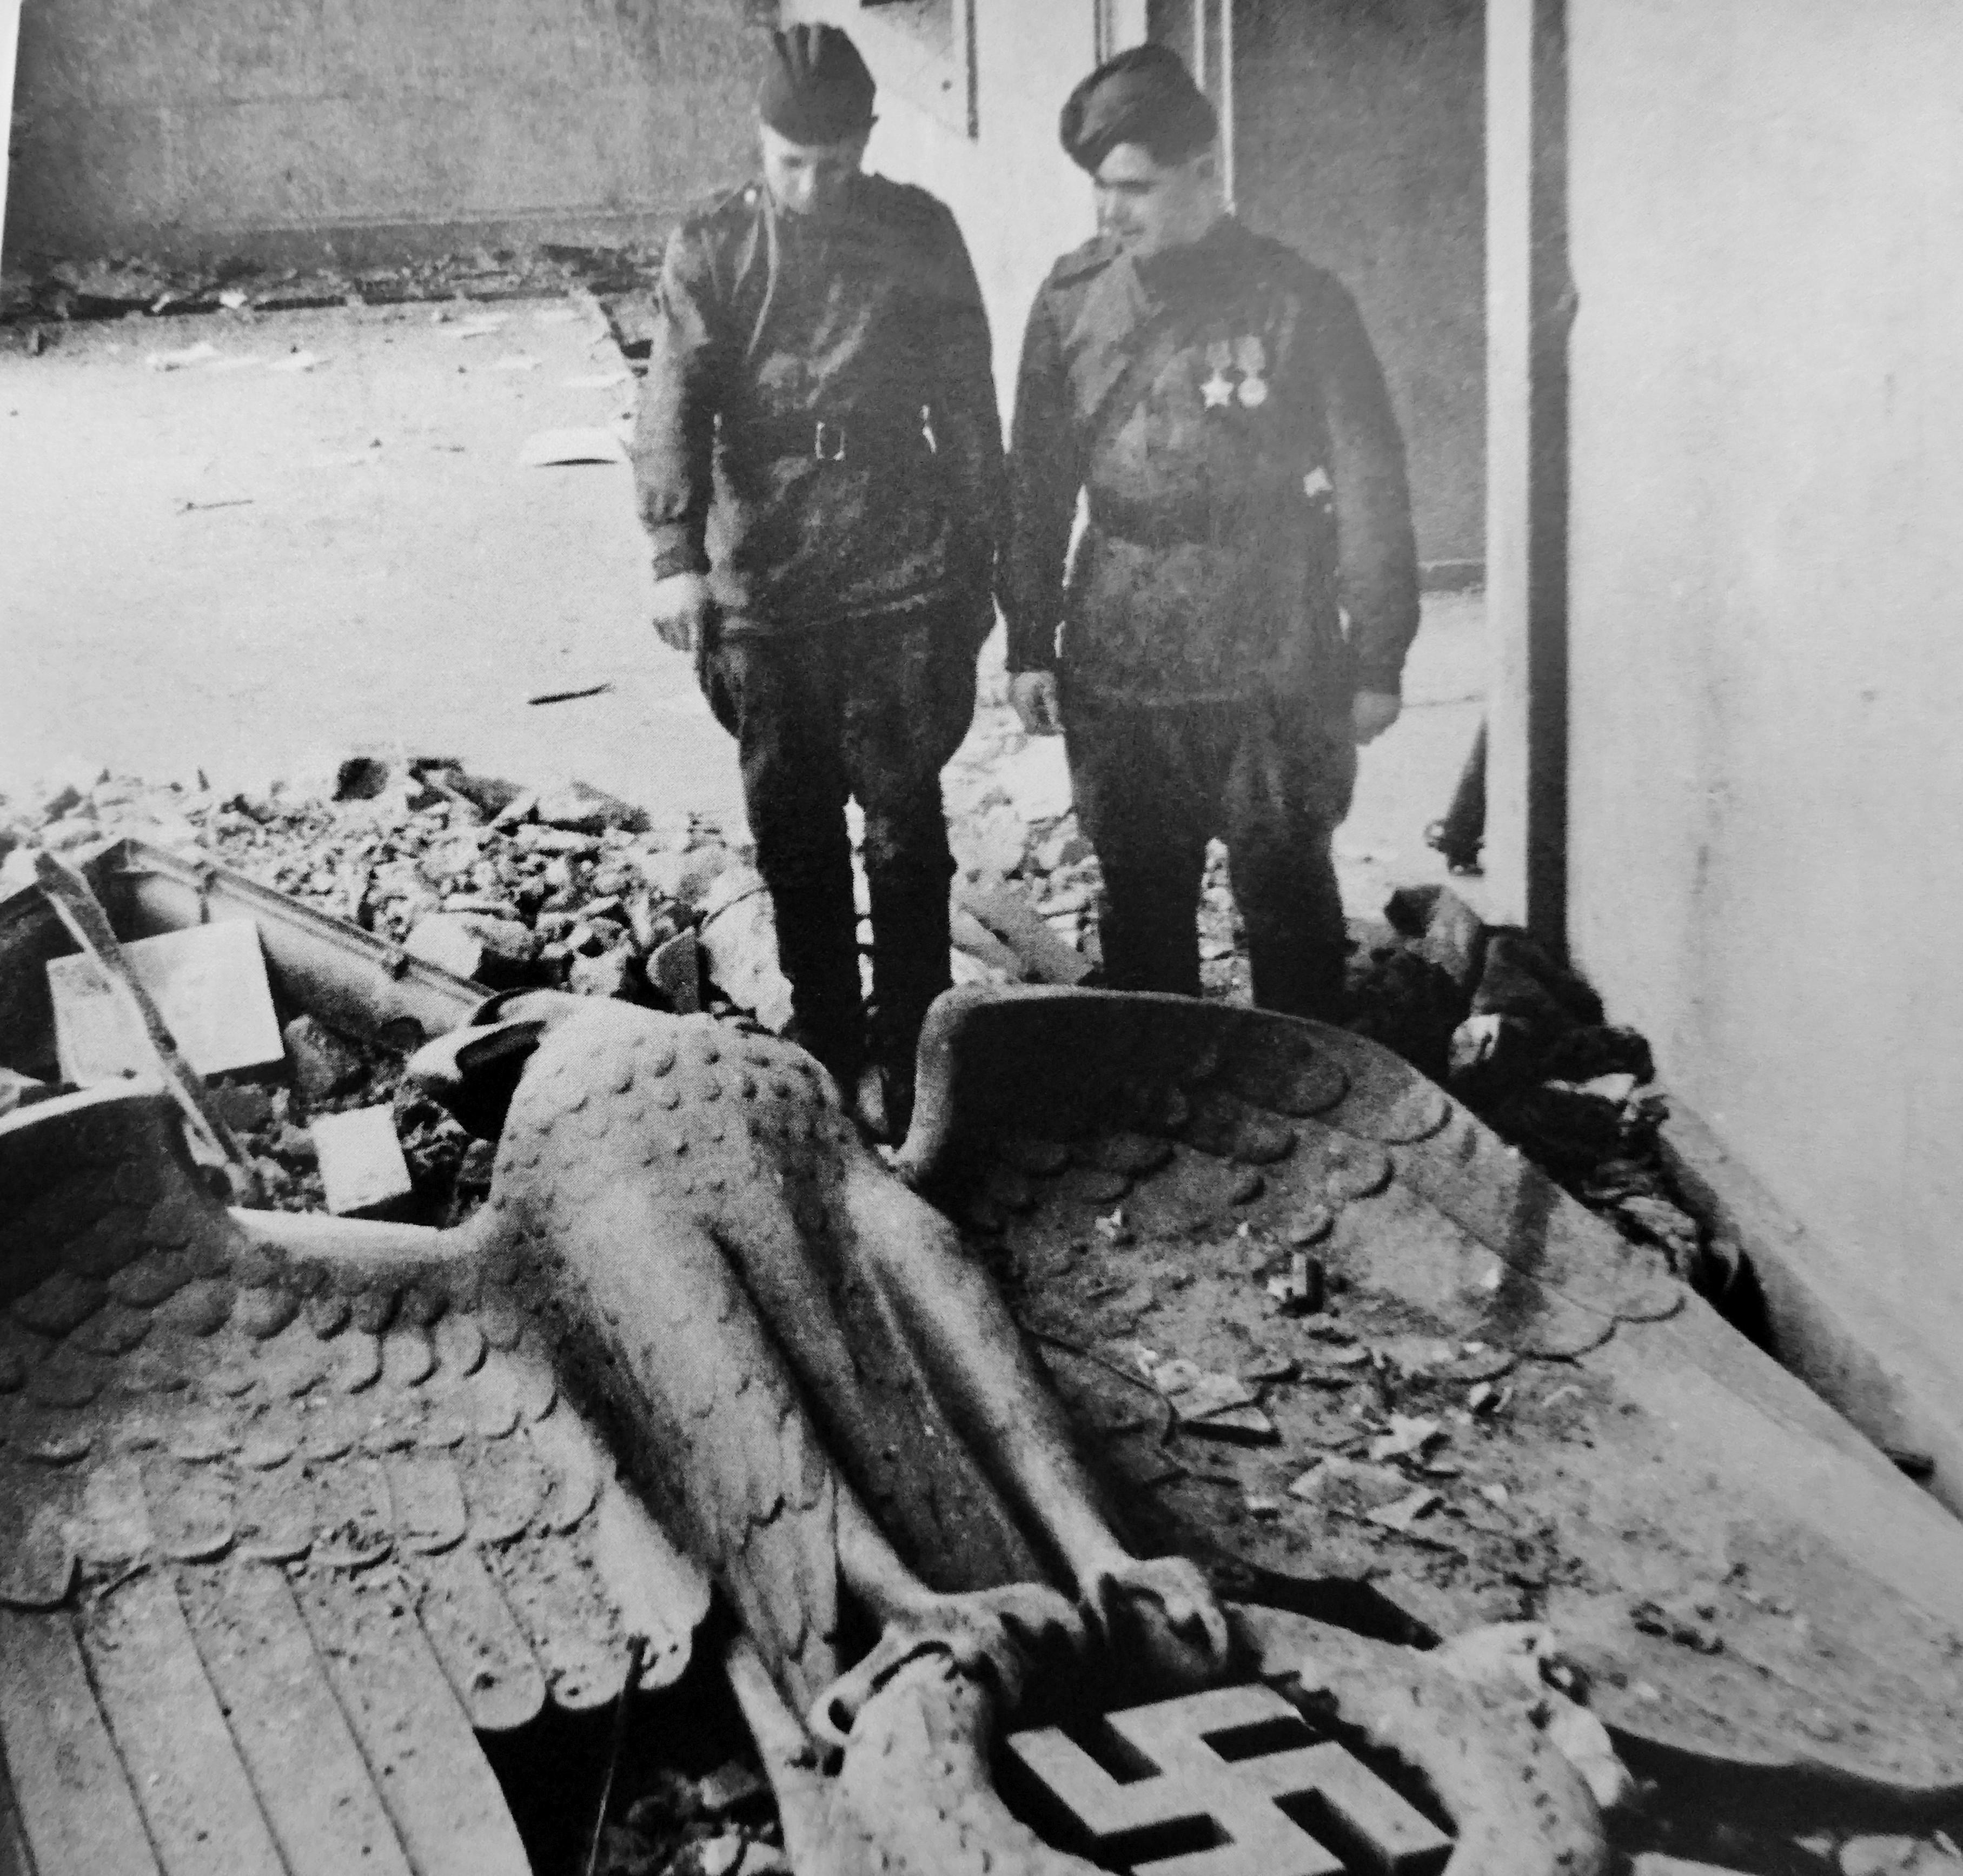 1945. Красноармейцы смотрят на имперского бронзового орла, сбитого со стены новой имперской канцелярии в Берлине